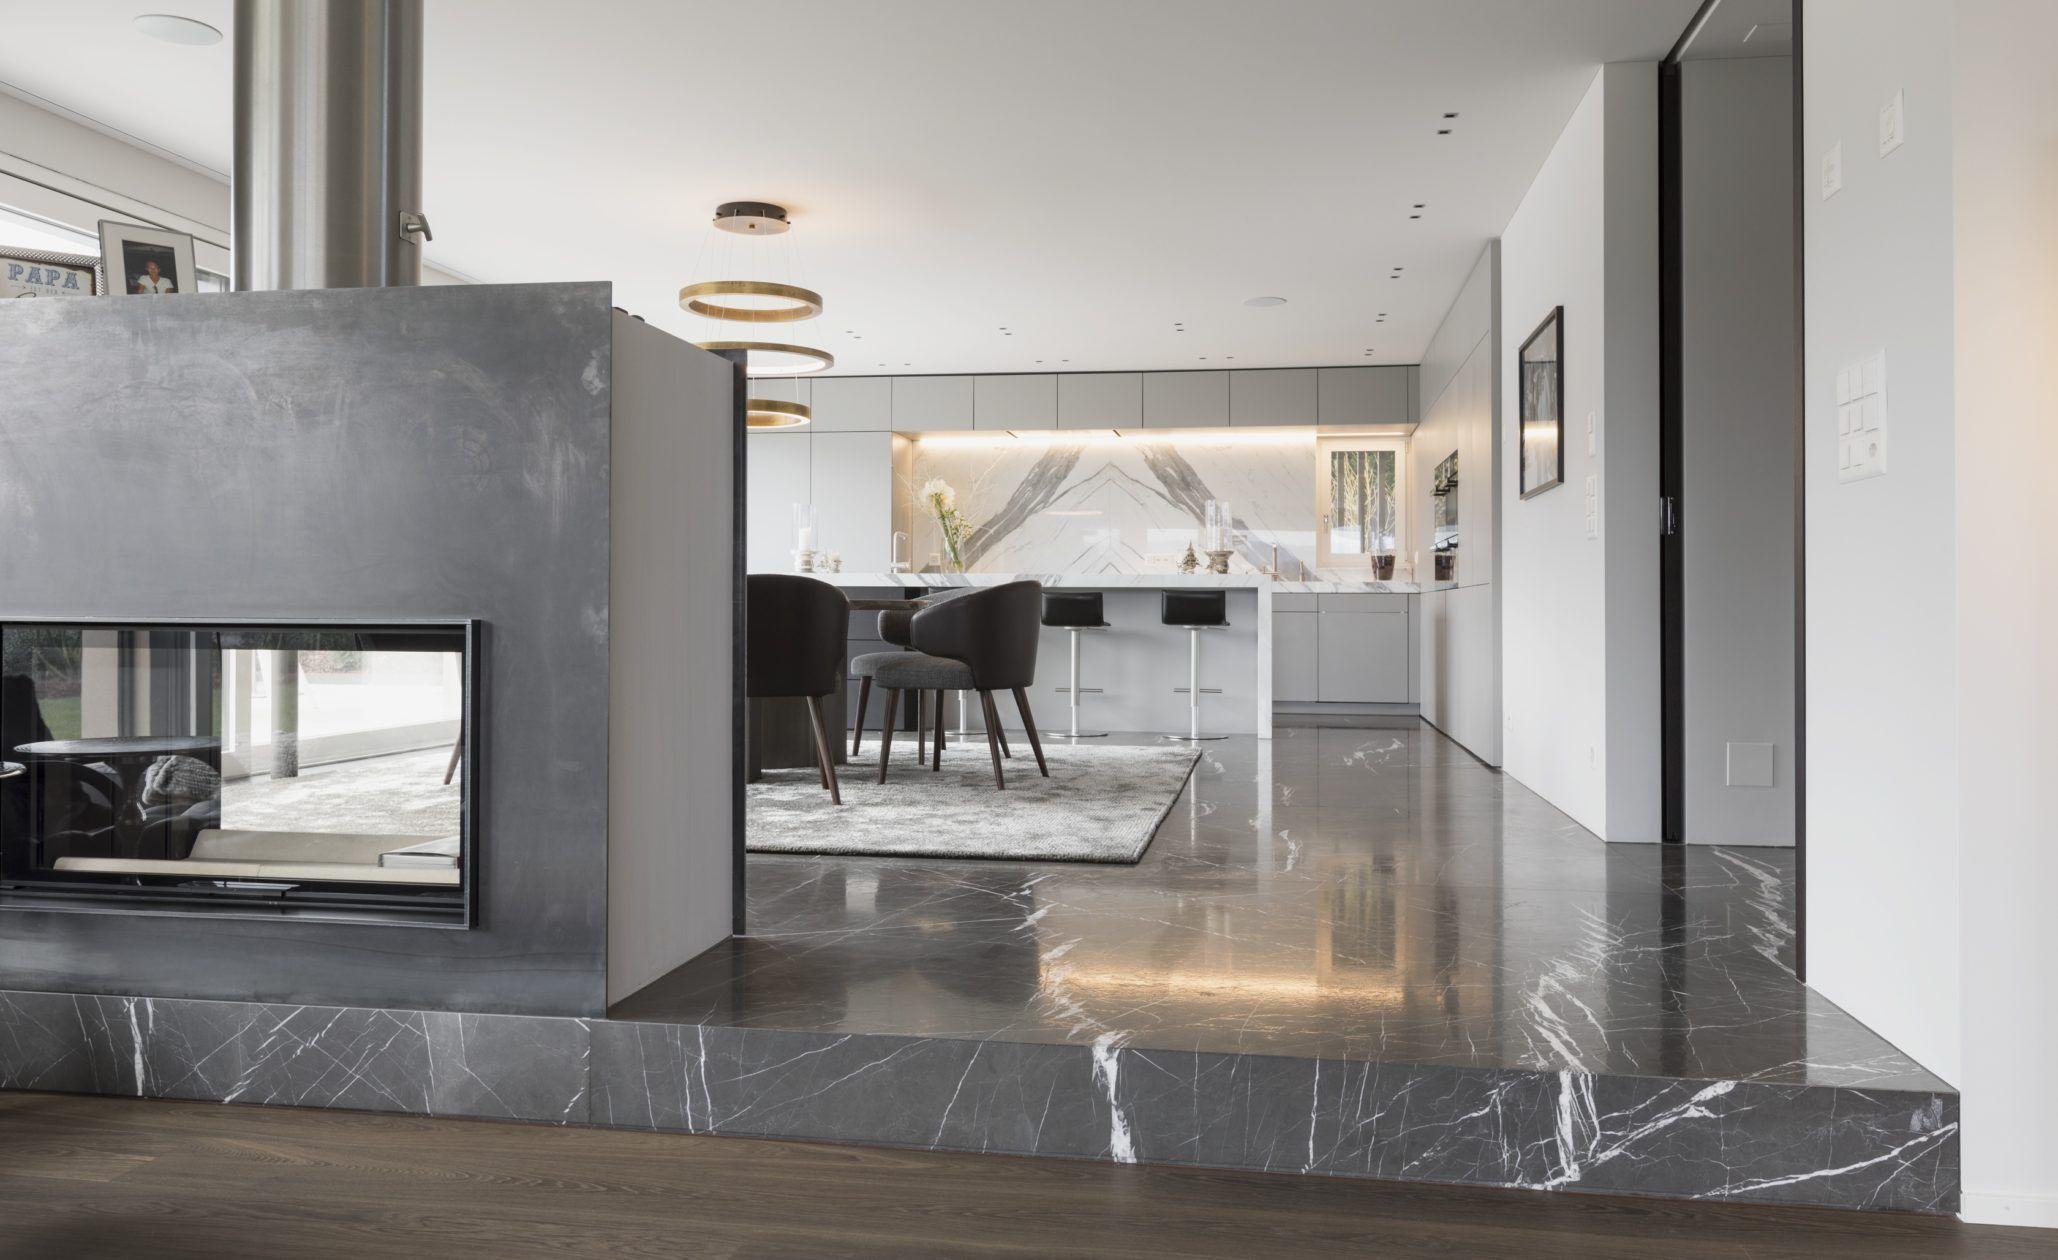 In Der Luxus Küche Mit Kochinsel Wurde Der Marmor Statuario Venato,  Poliert, Im Grossformat